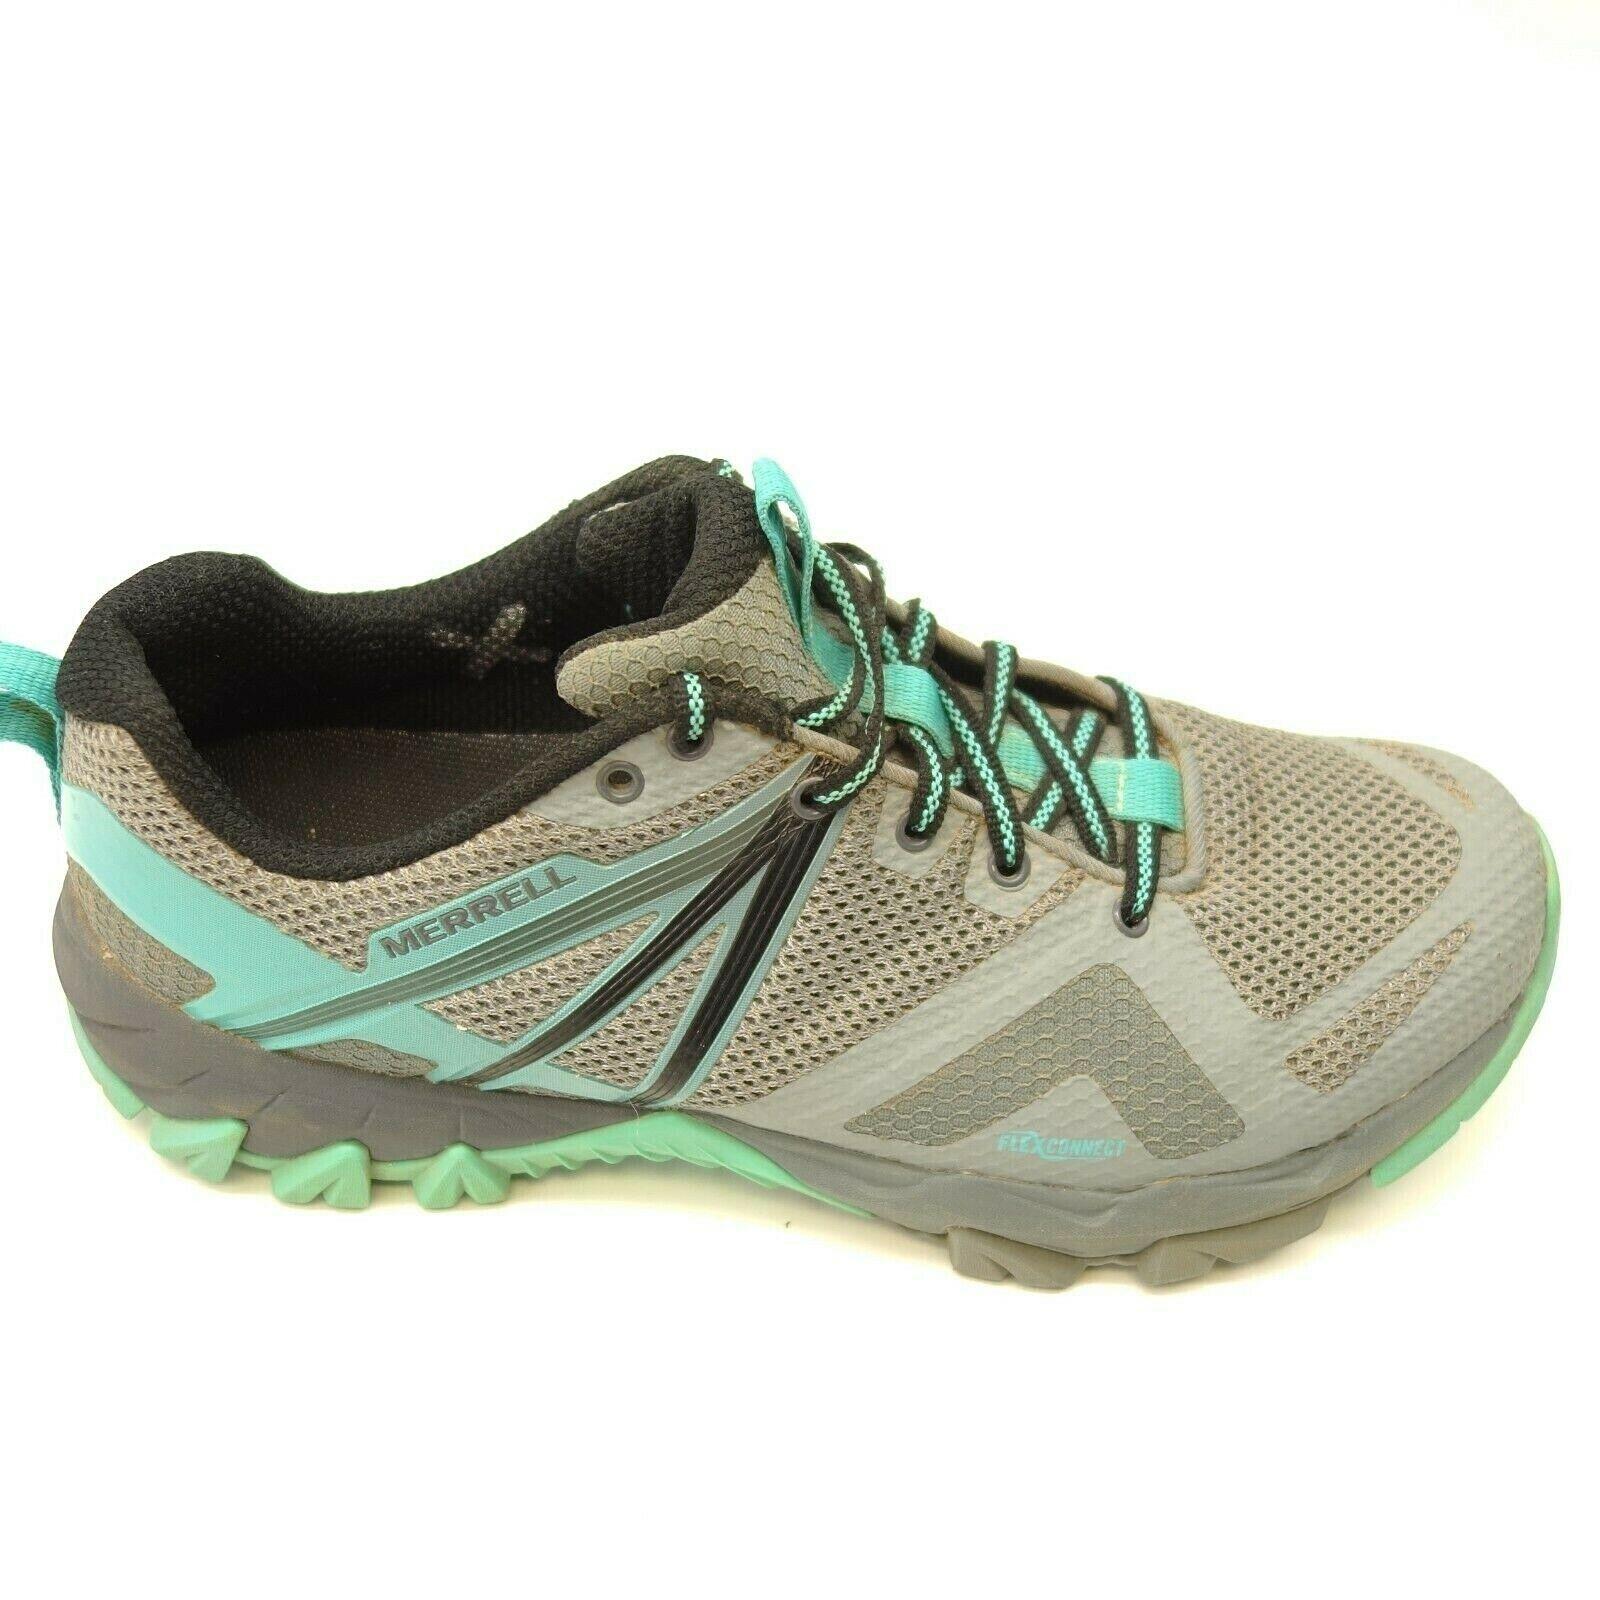 Merrell Mqm Flex Gr. UK 8 Grau Athletic Außen Traillauf Damen Schuhe